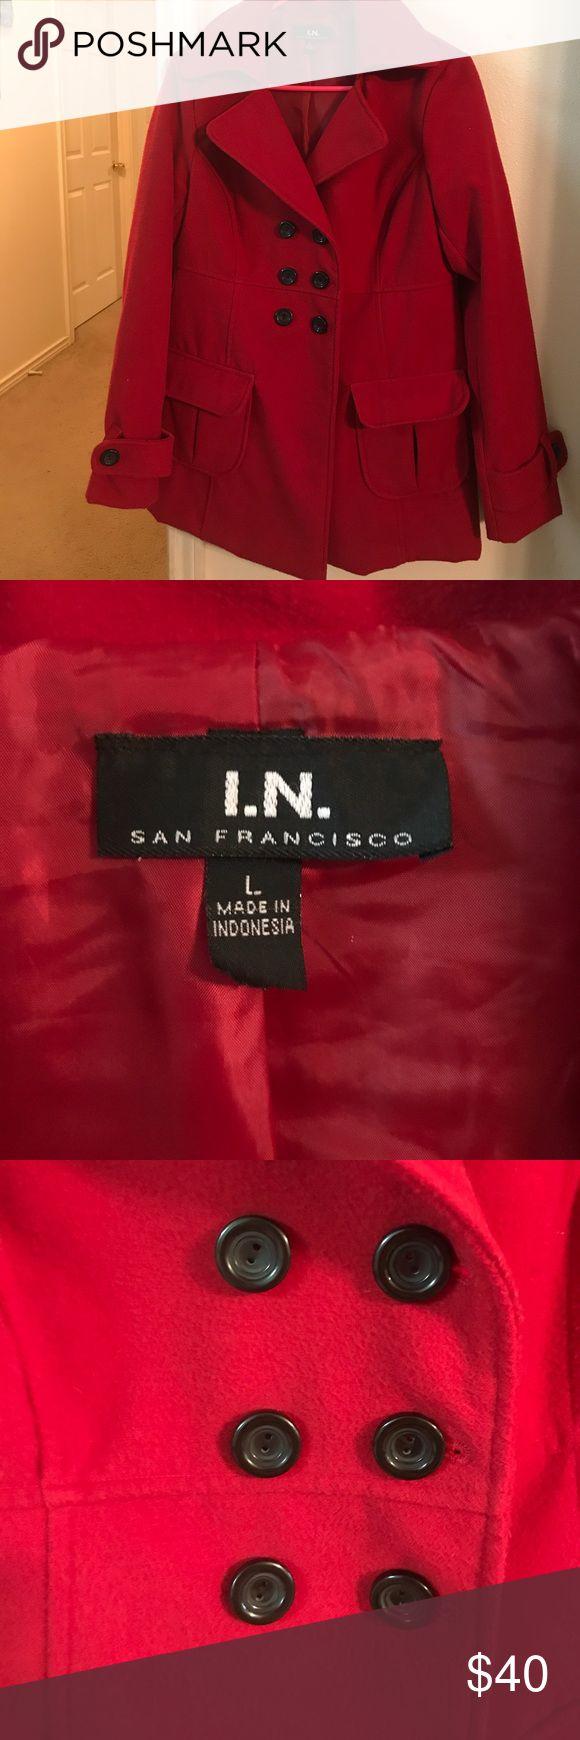 In San Francisco Pea Coat Beautiful red pea coat perfect for winter I.N. San Francisco Jackets & Coats Pea Coats